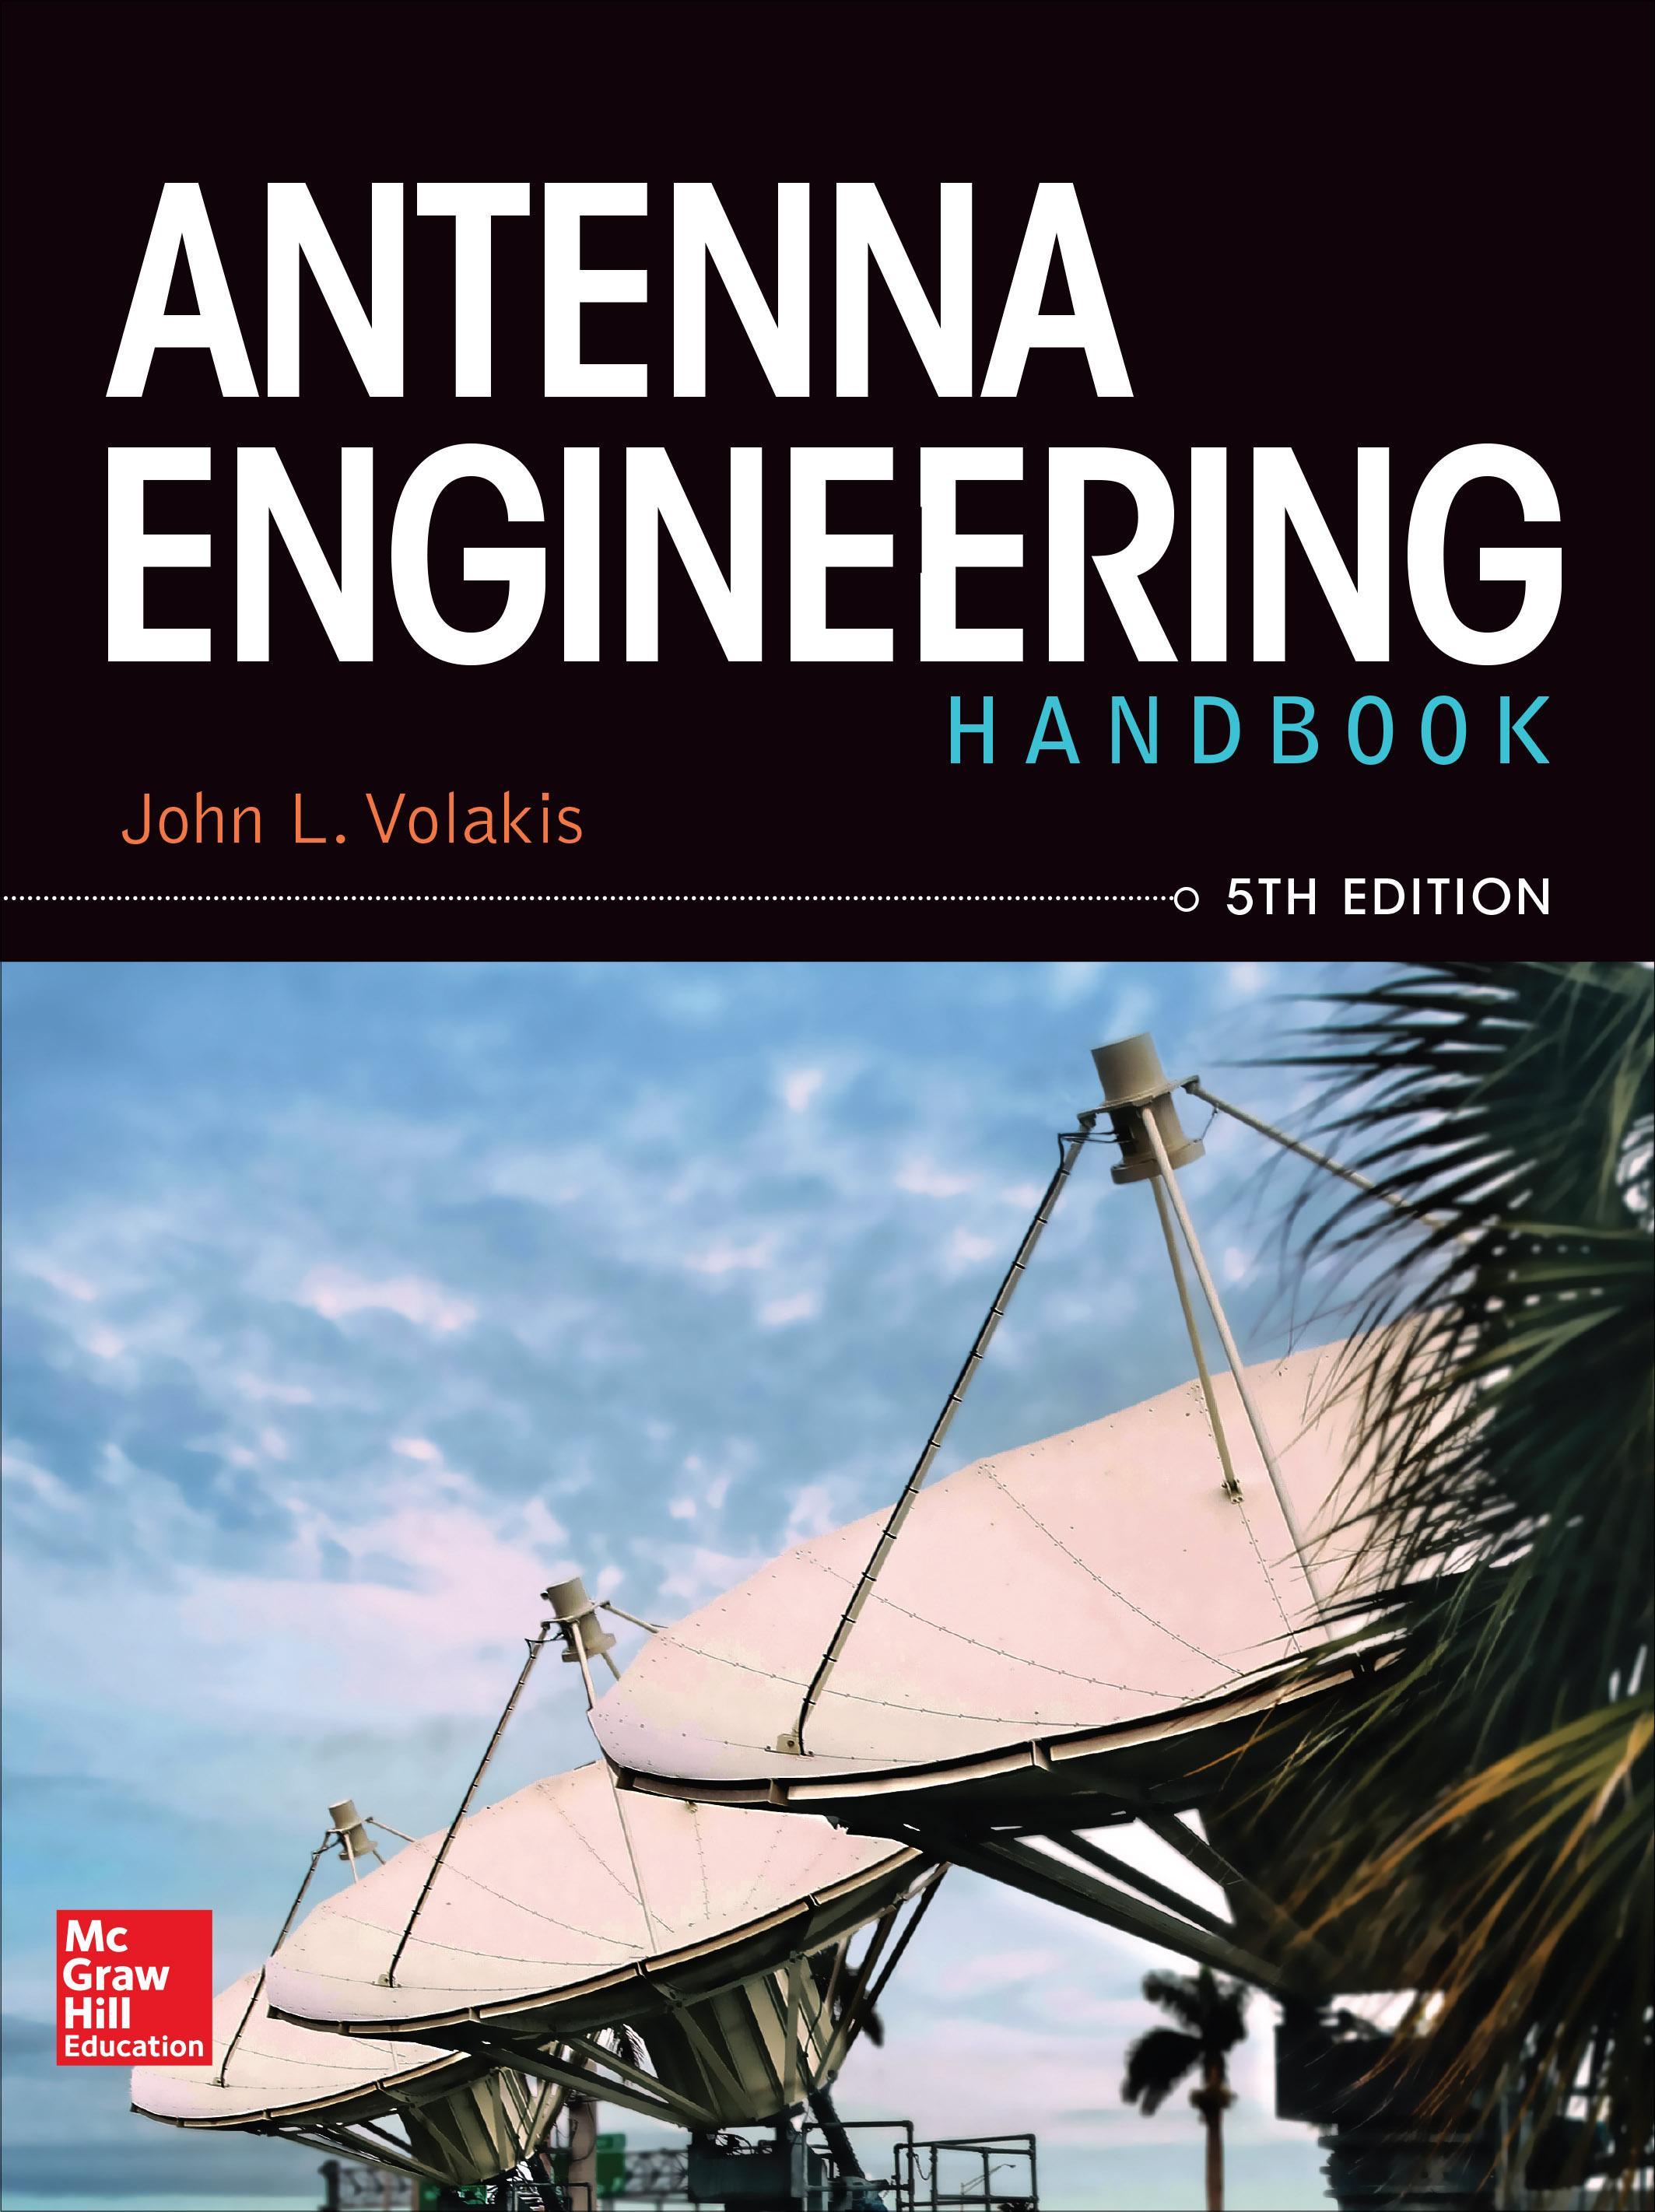 Antenna Engineering Handbook